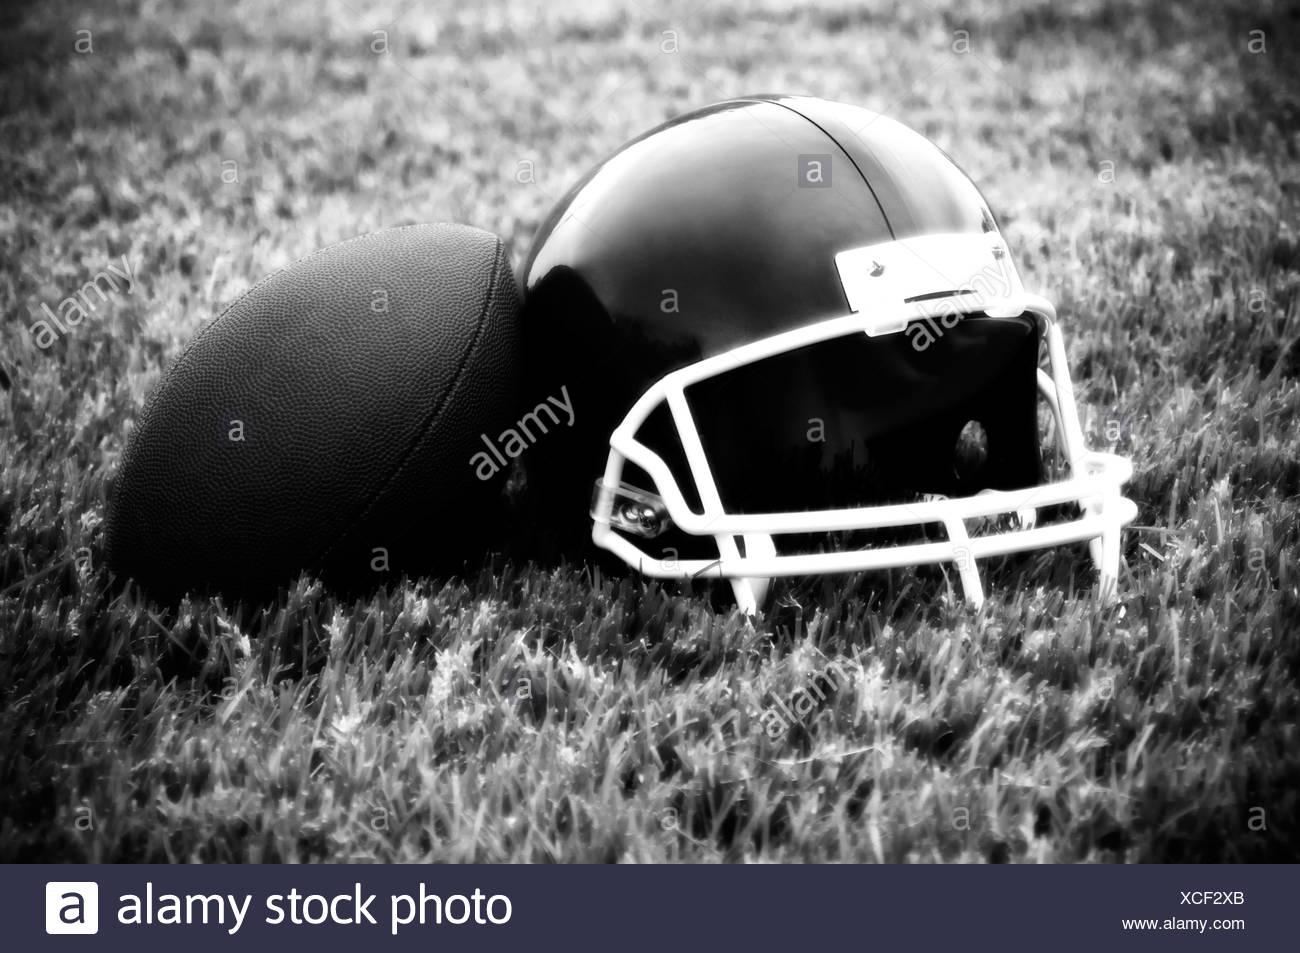 Football helmet and football - Stock Image